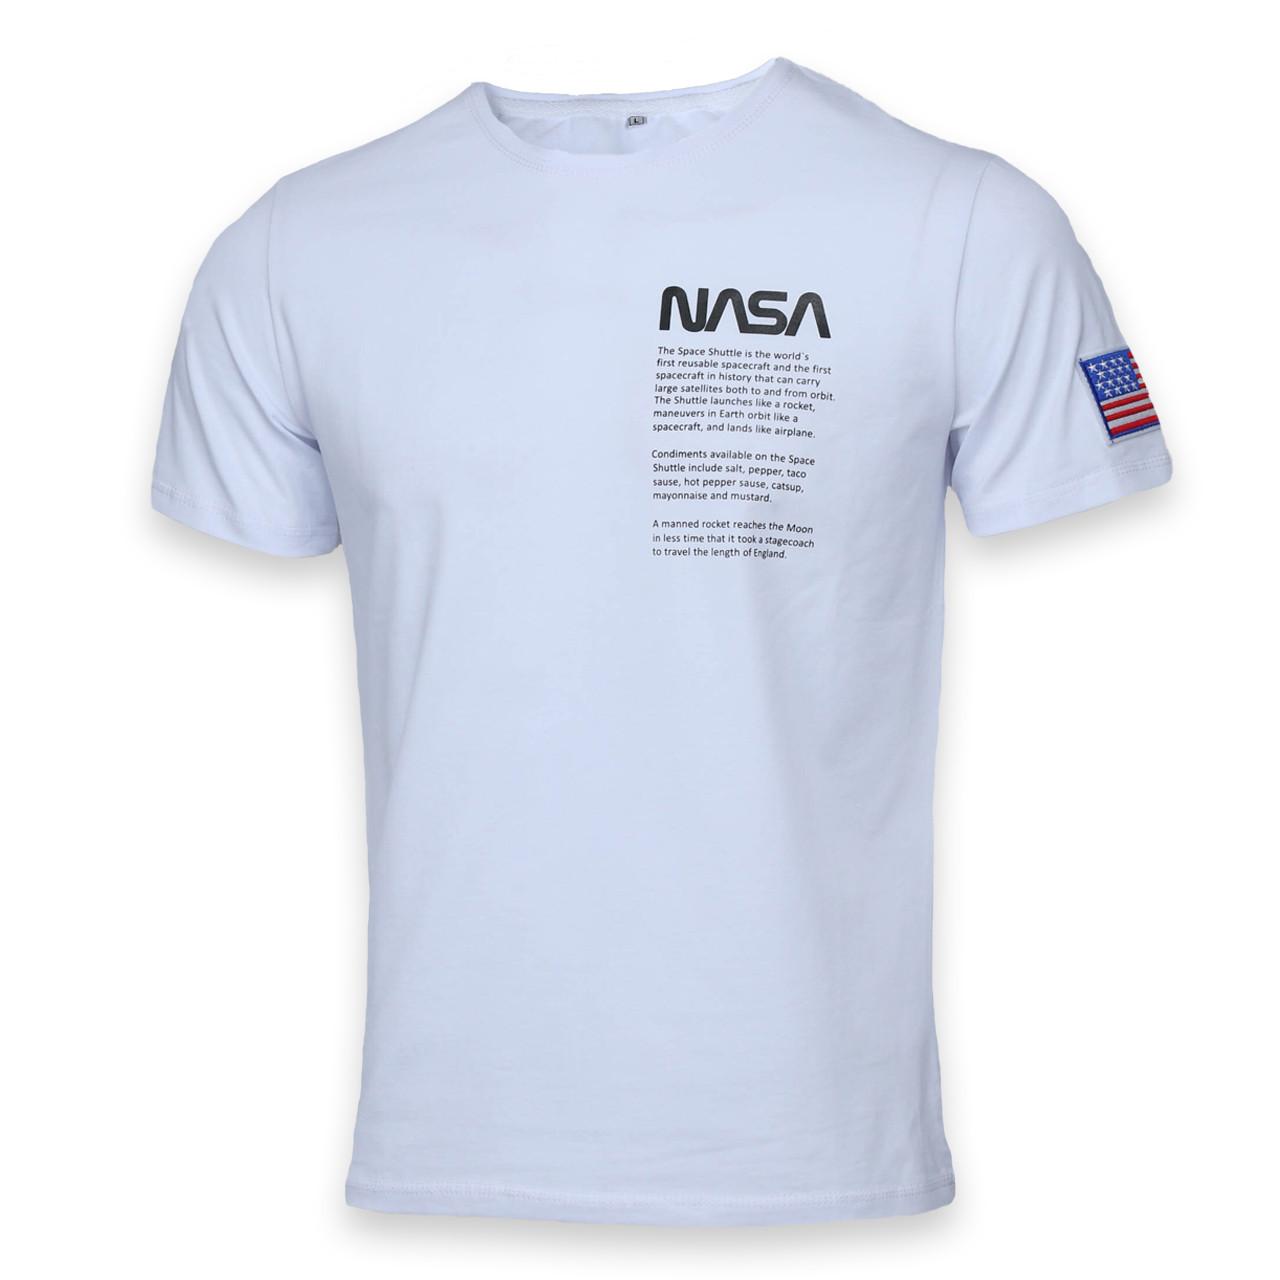 Футболка мужская белая NASA с принтом №4 Ф-10 WHT M(Р) 20-815-020-001